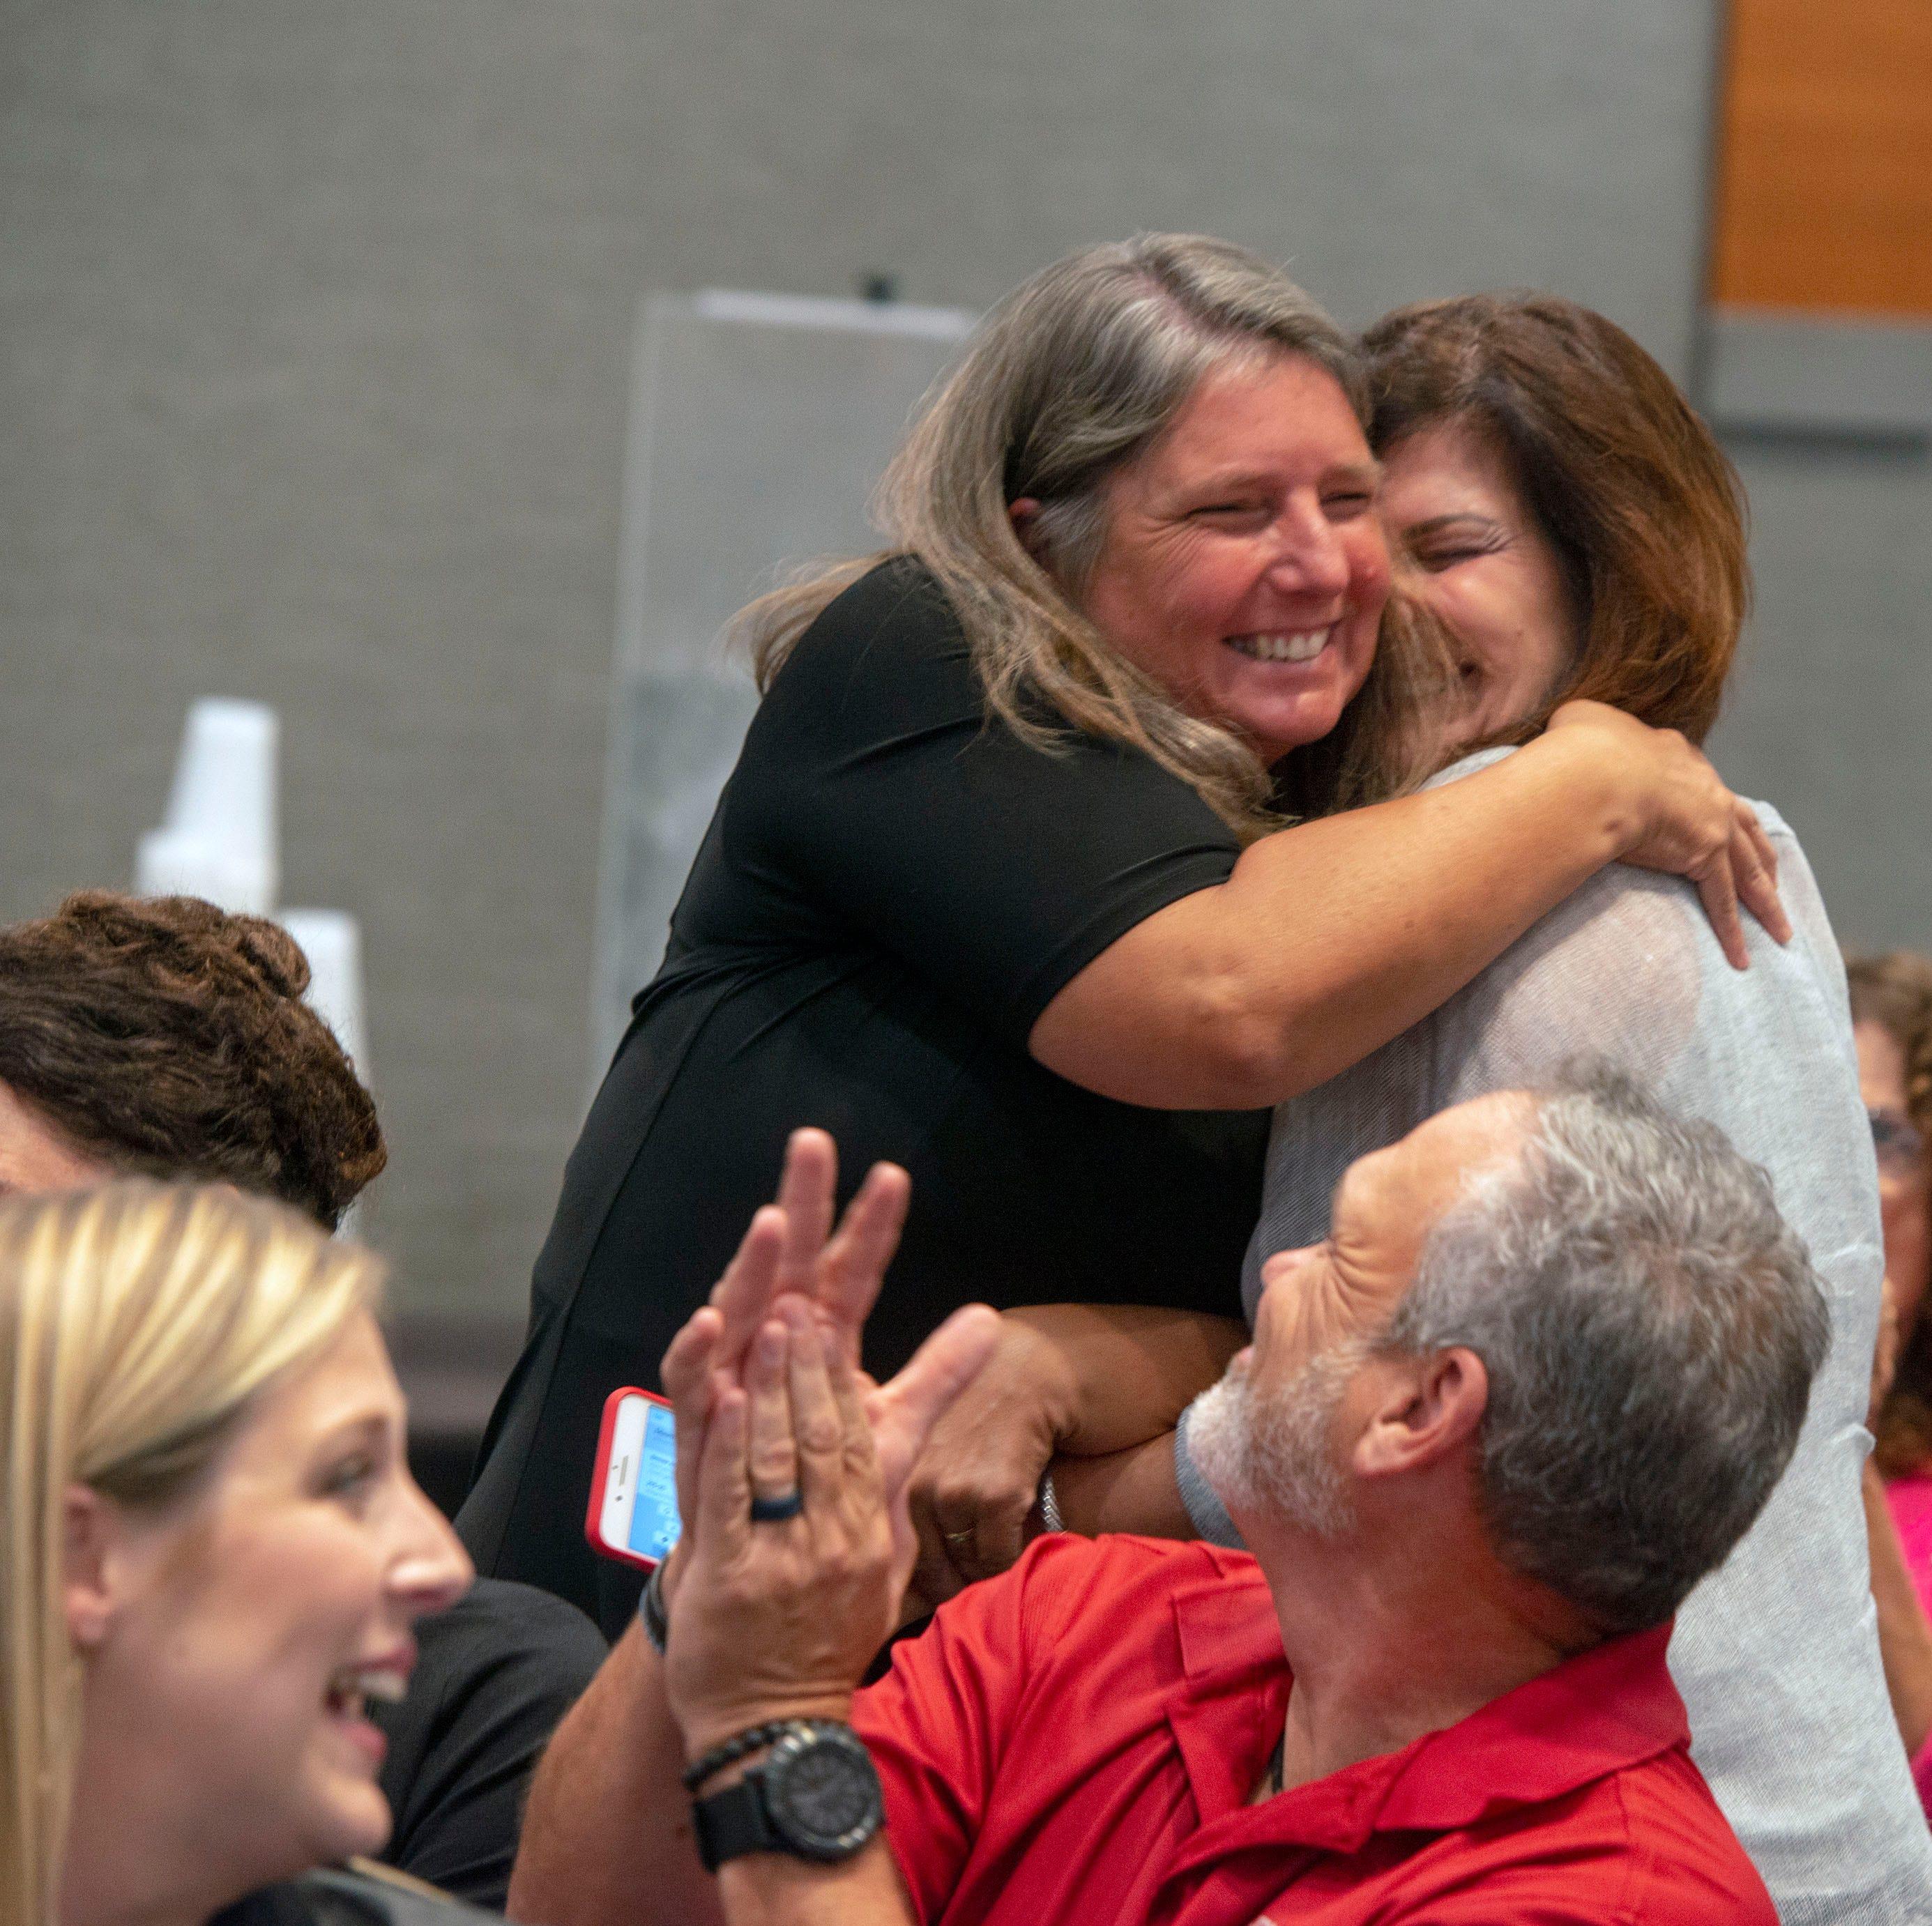 PHOTOS: 11 big winners at Pensacola IMPACT 100